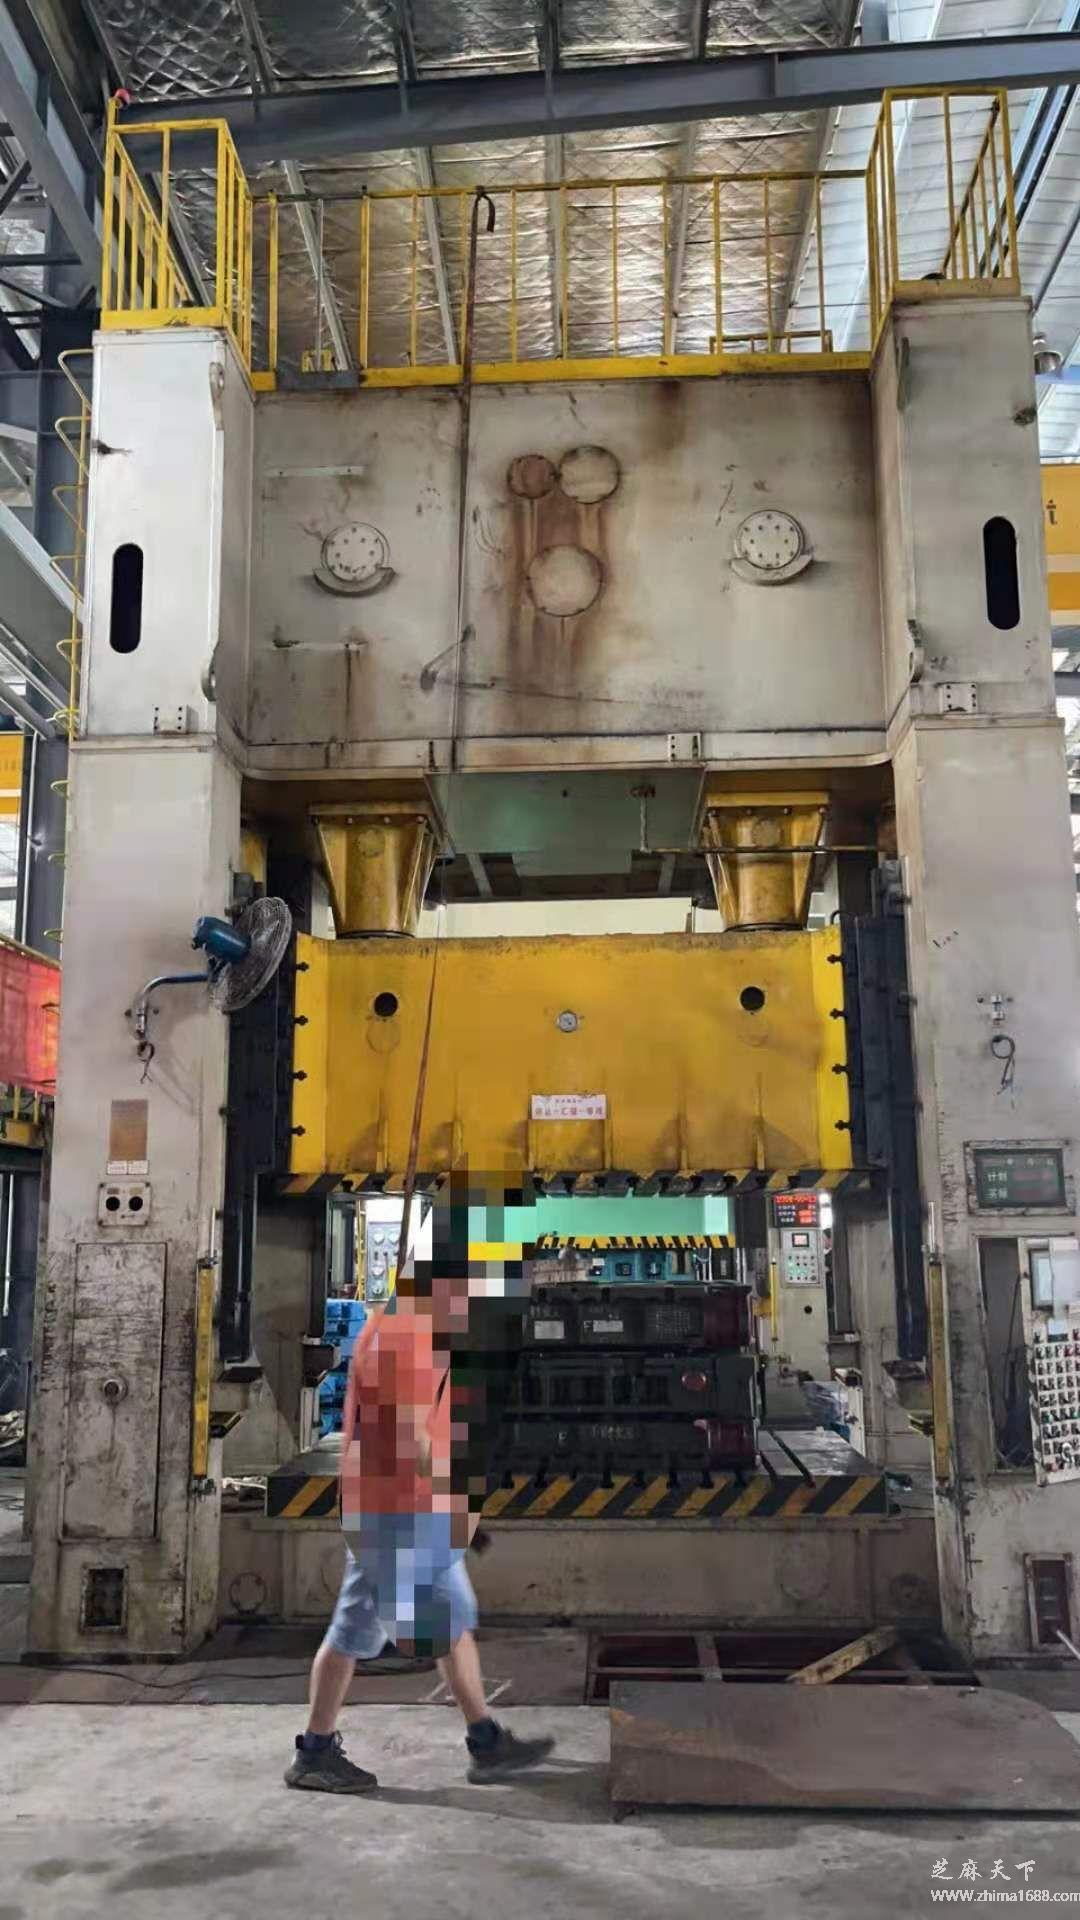 二手山东JG36-400E3闭式双点机械压力机(400吨)